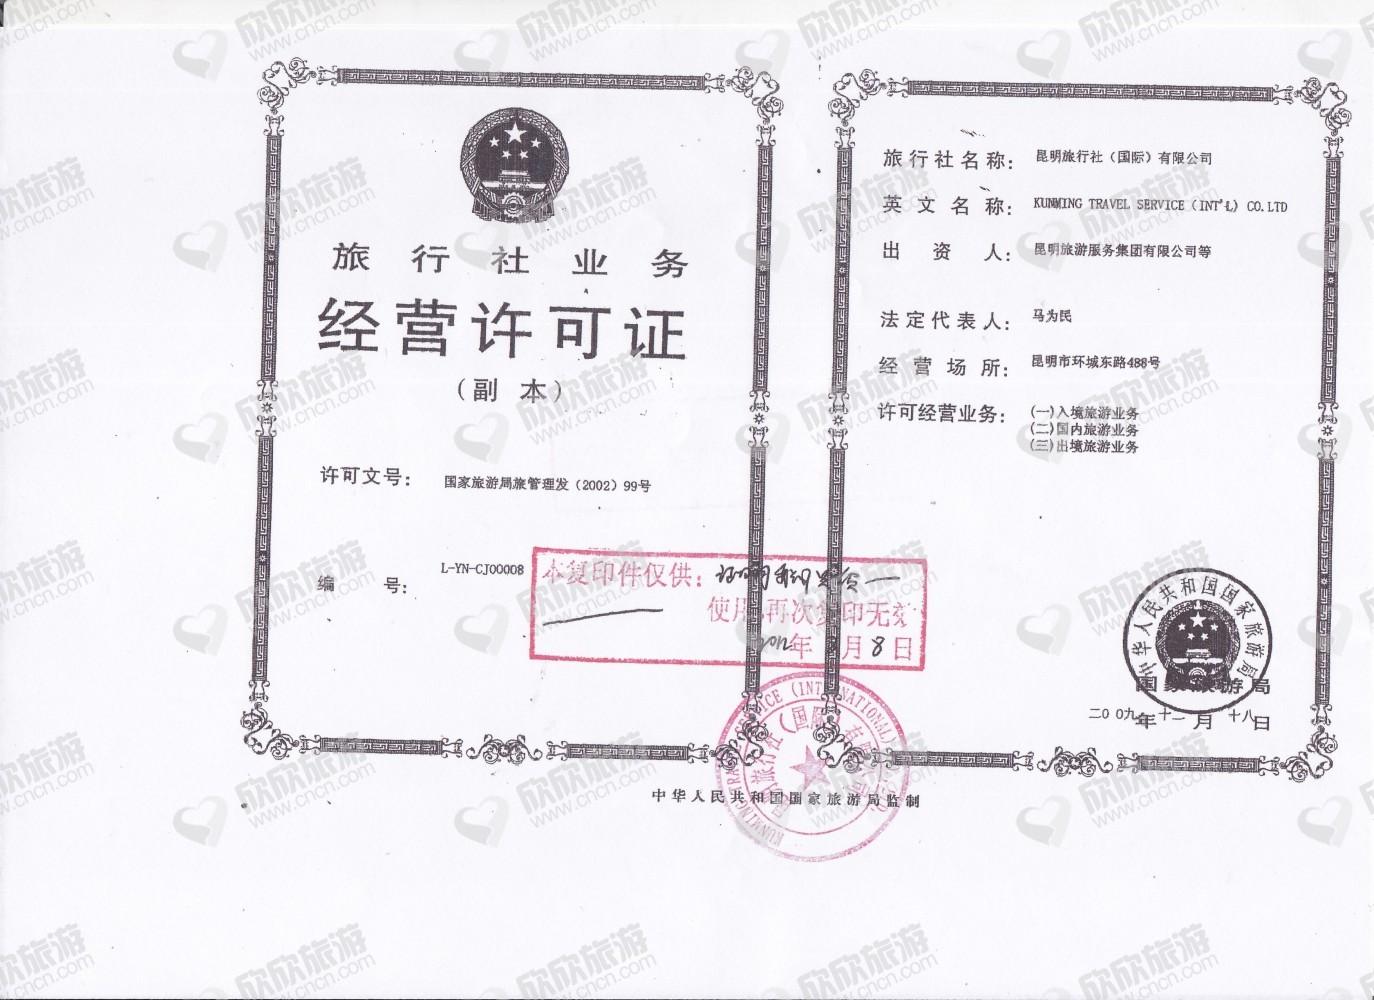 昆明旅行社(国际)有限公司销售中心经营许可证